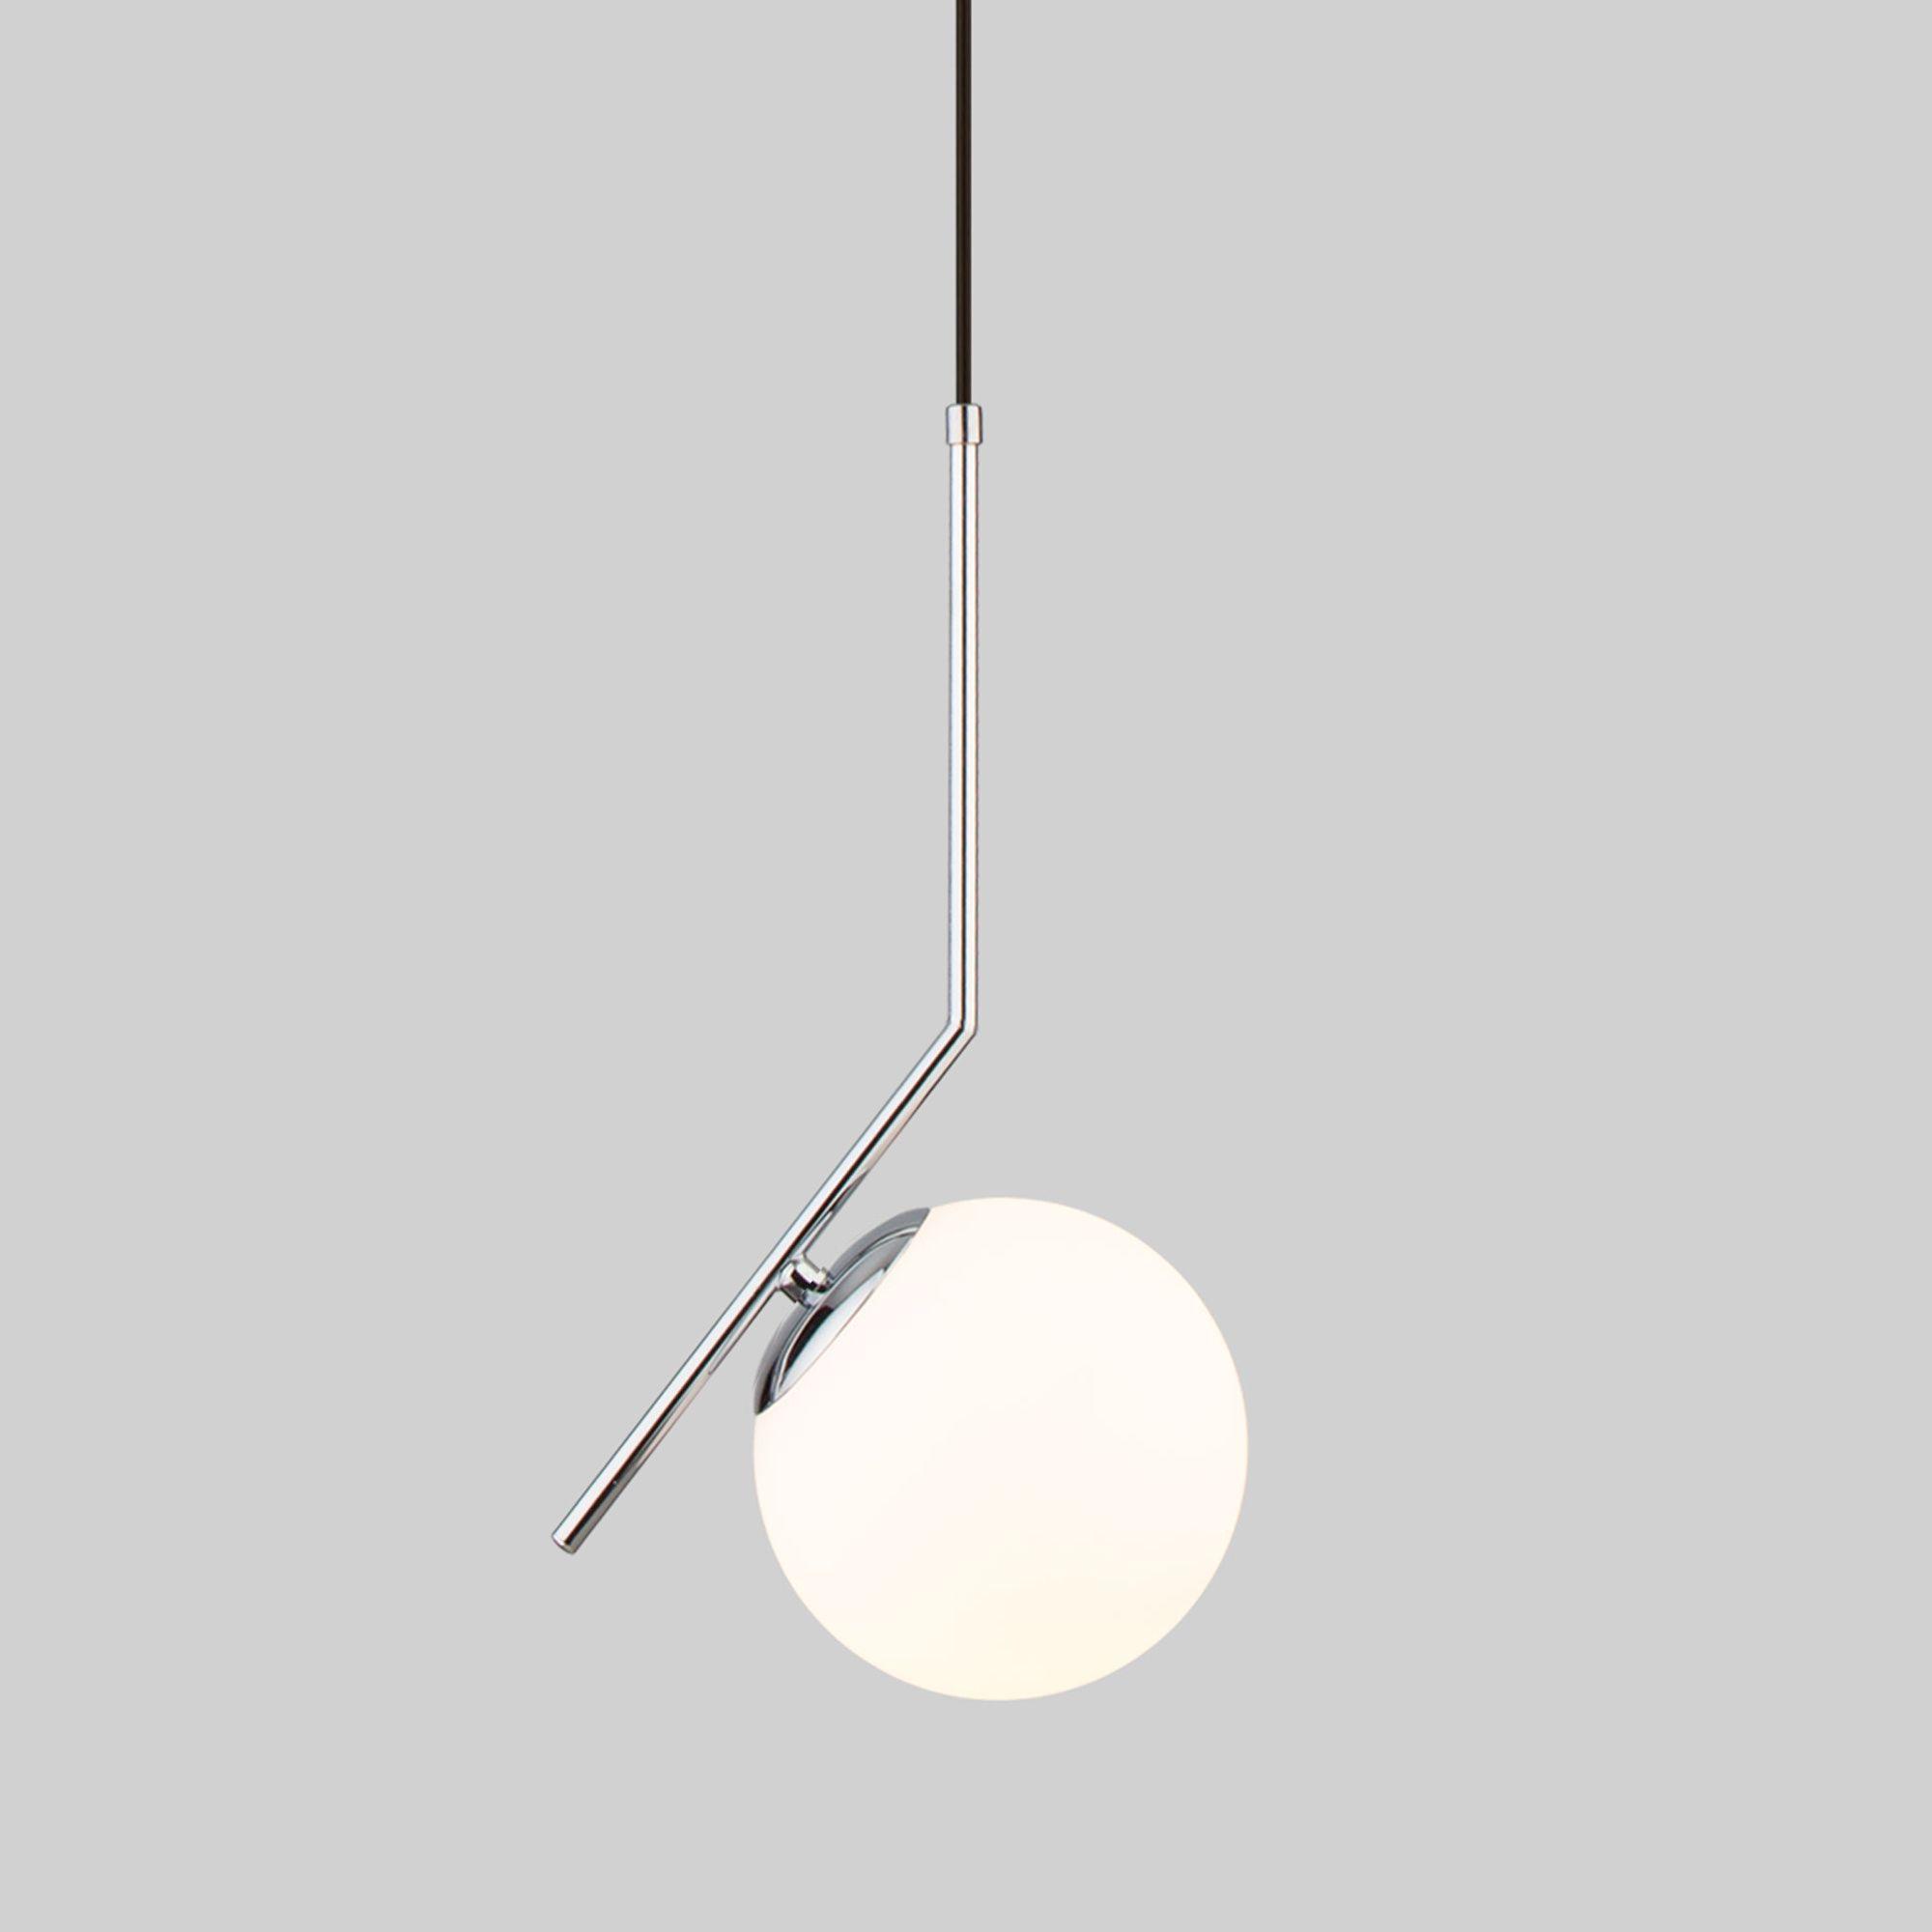 Подвесной светильник с длинным тросом 1,8м 50159/1